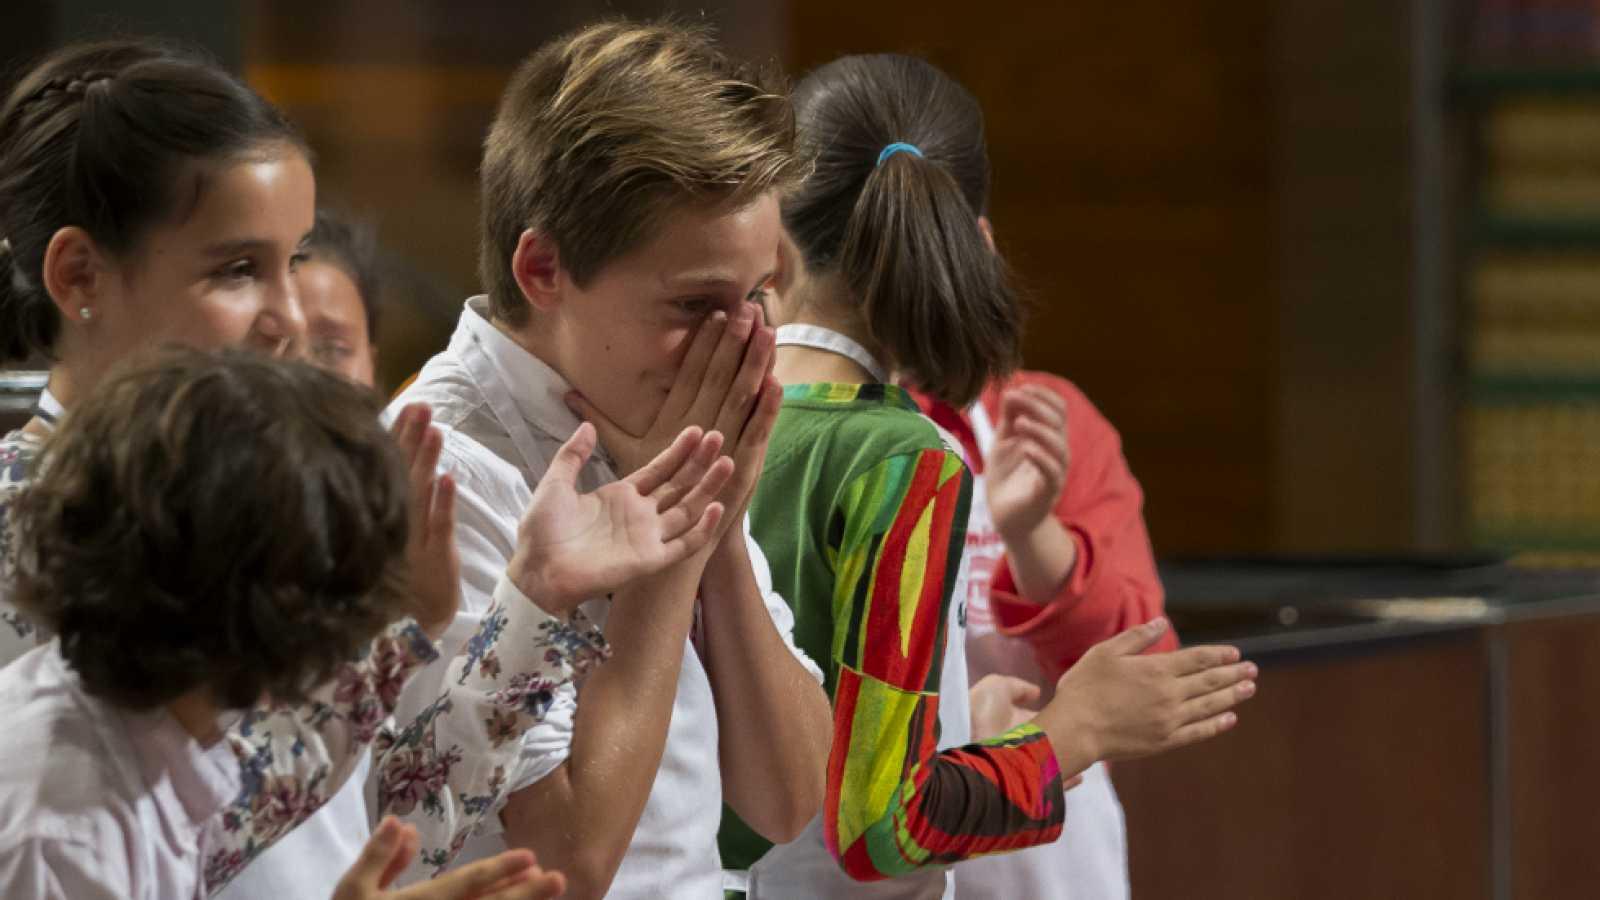 MasterChef Junior 2 - Víctor y Ana soprenden al jurado con su creatividad